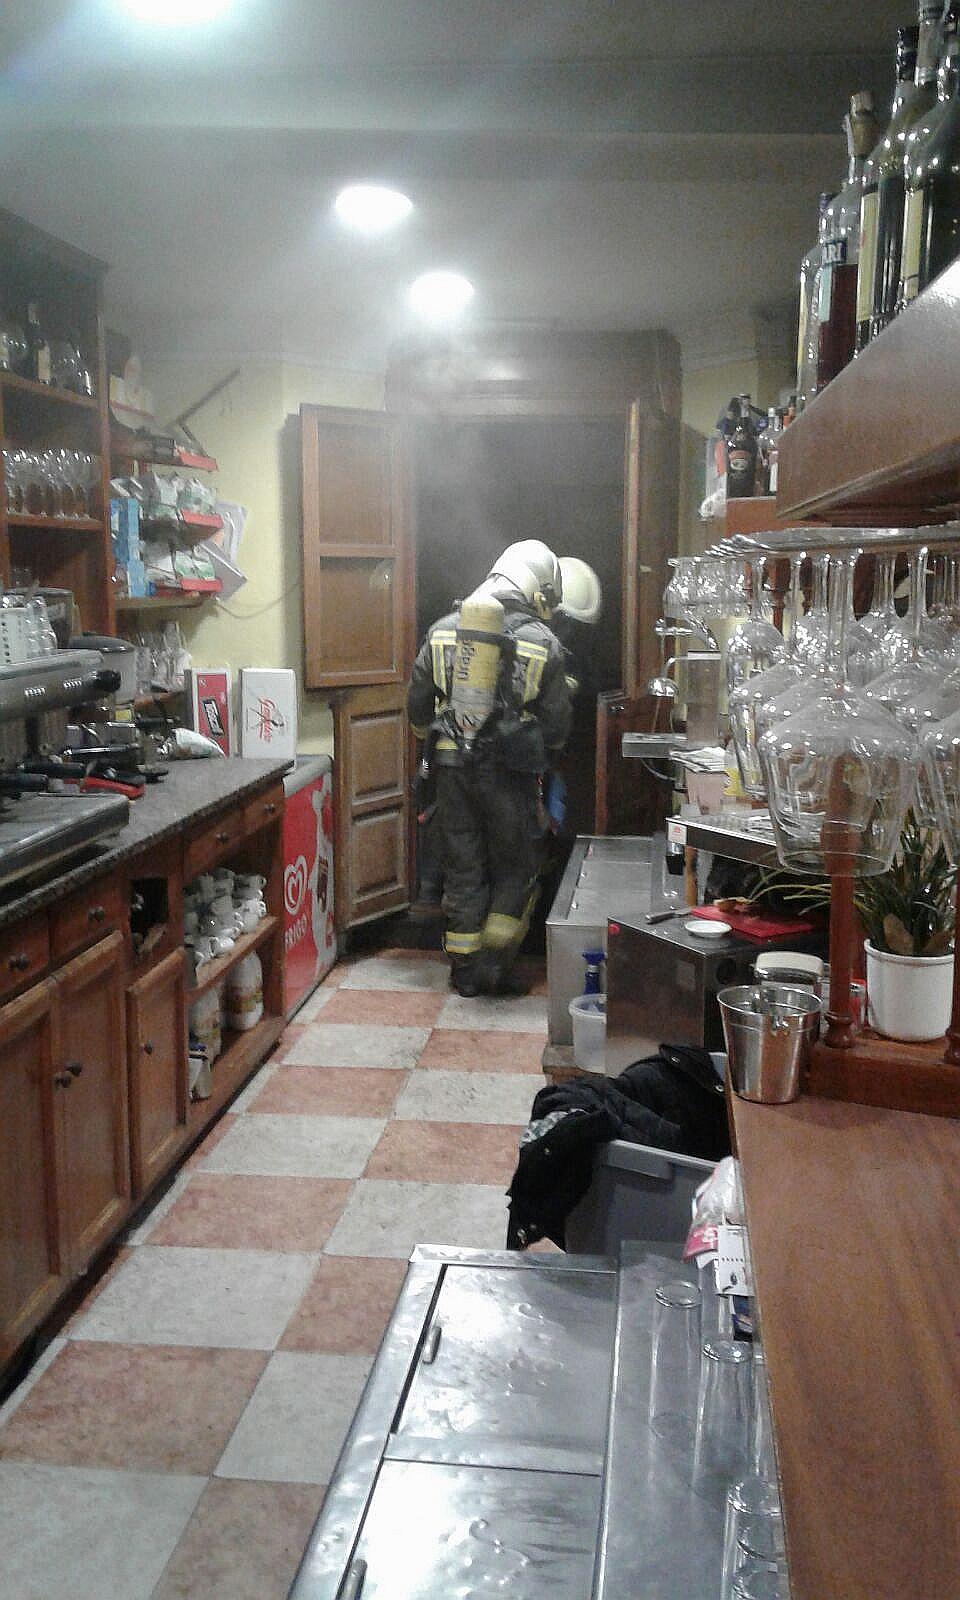 Extinguido un incendio en la cocina de una cafetería de Comillas